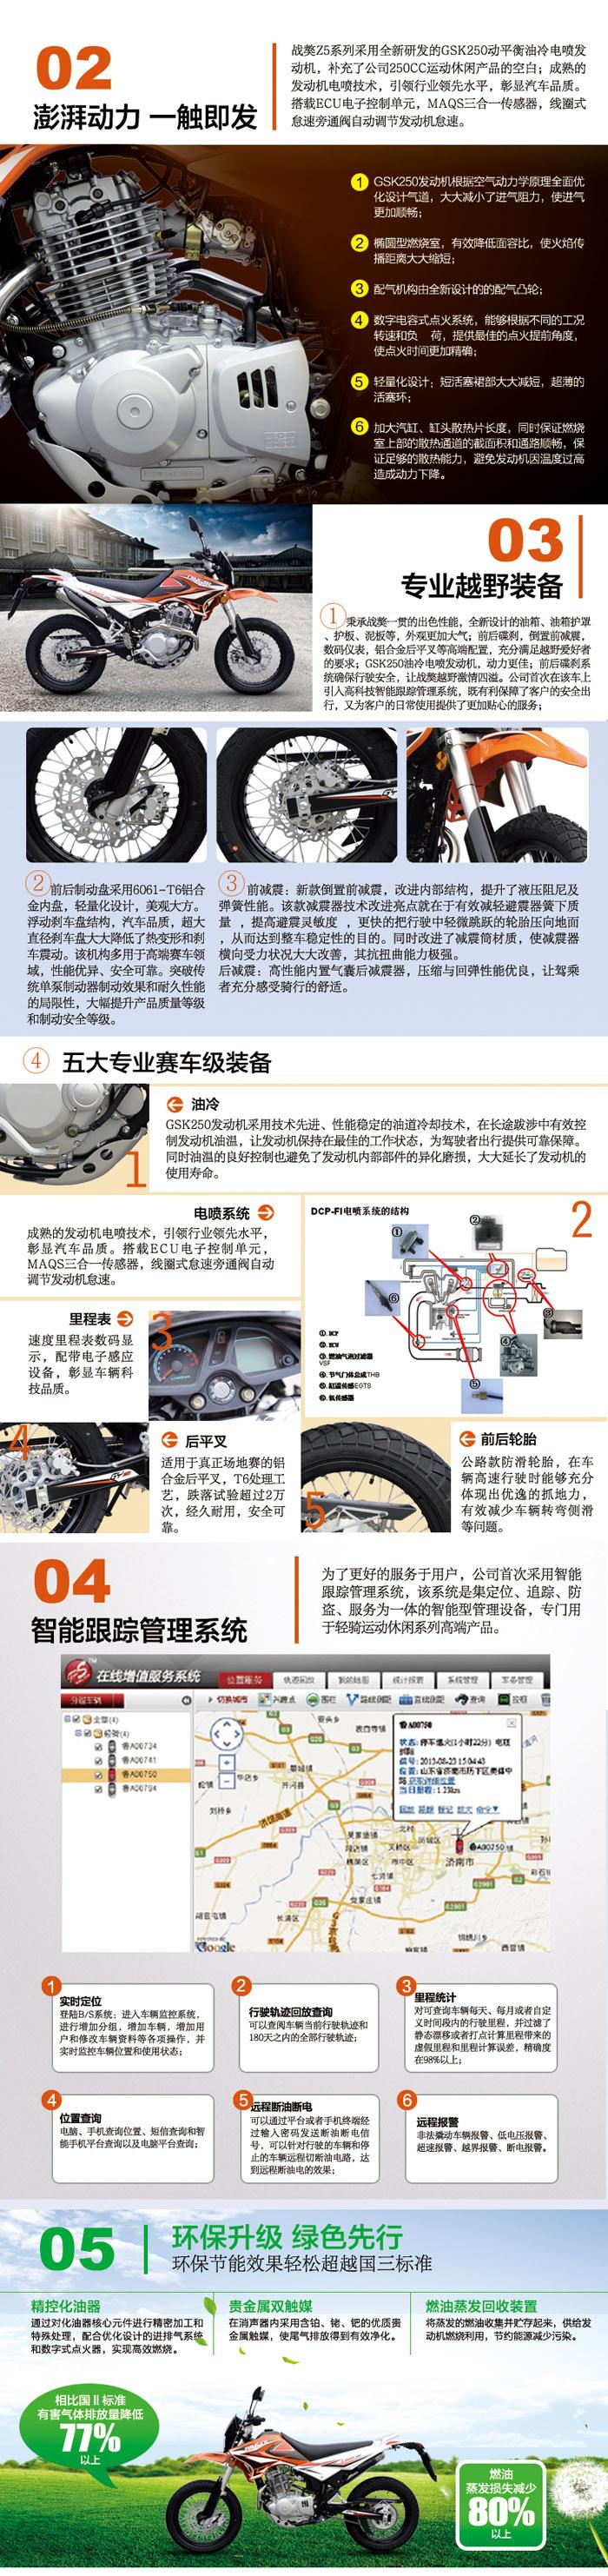 生为征服轻骑越野摩托车战獒Z5